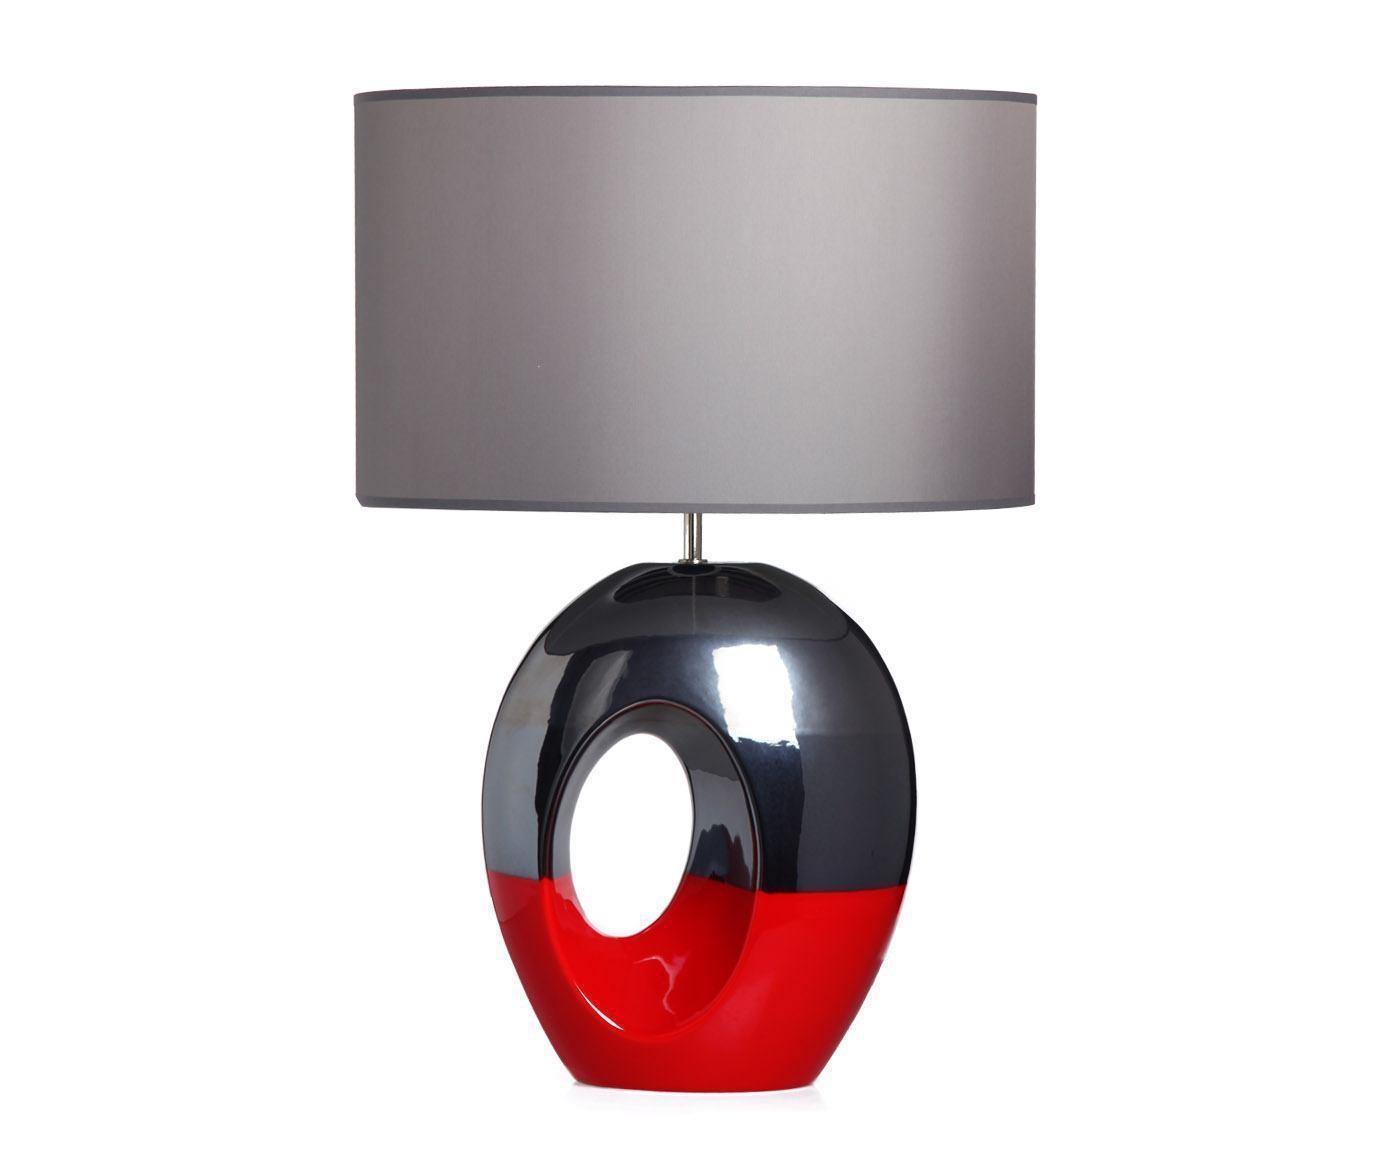 Элитная лампа настольная Портиман от Sporvil